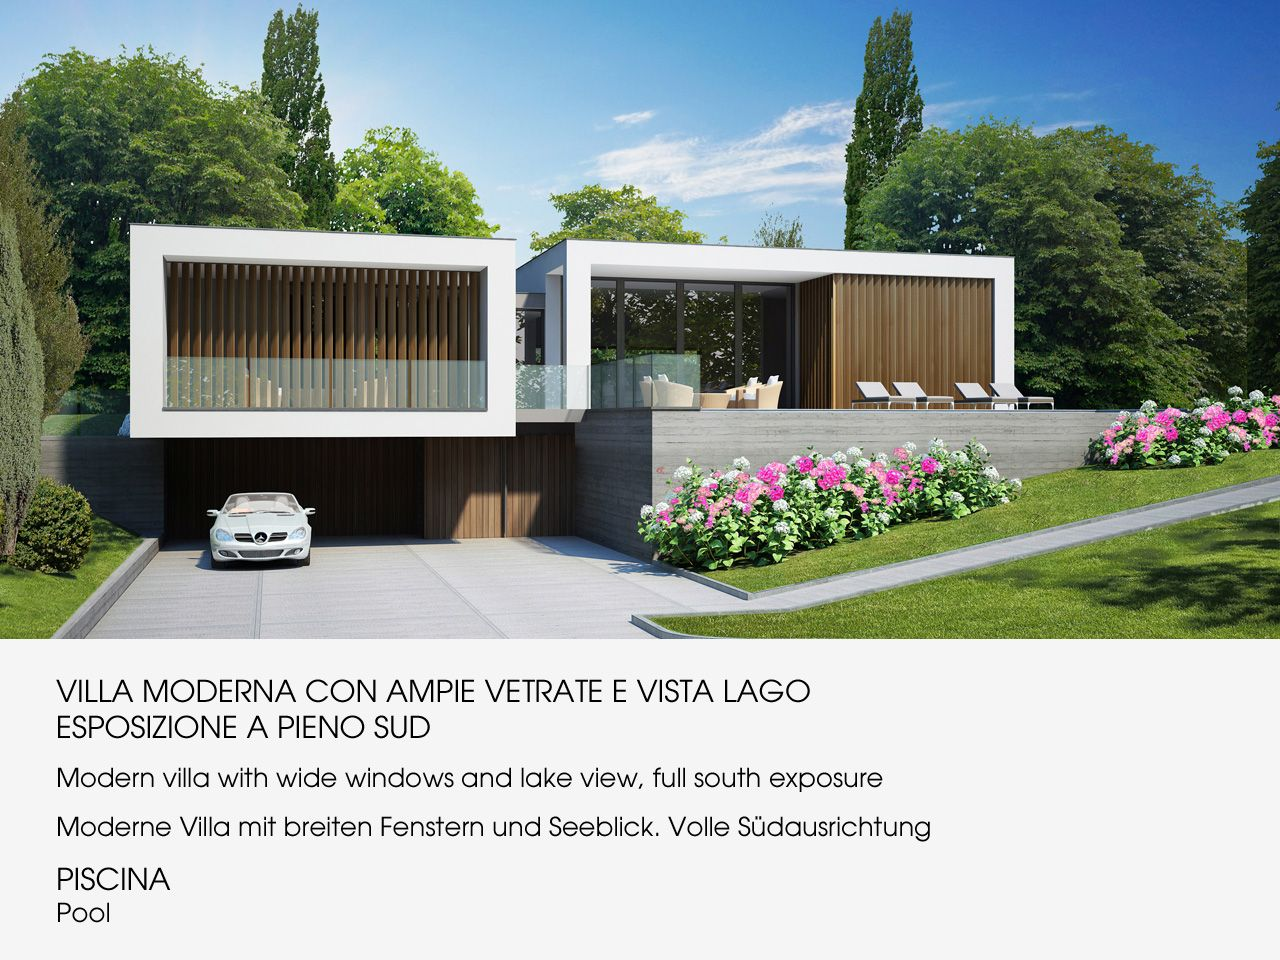 Arizzano villa moderna vista lago nuova con piscina - Progetto villa con piscina ...